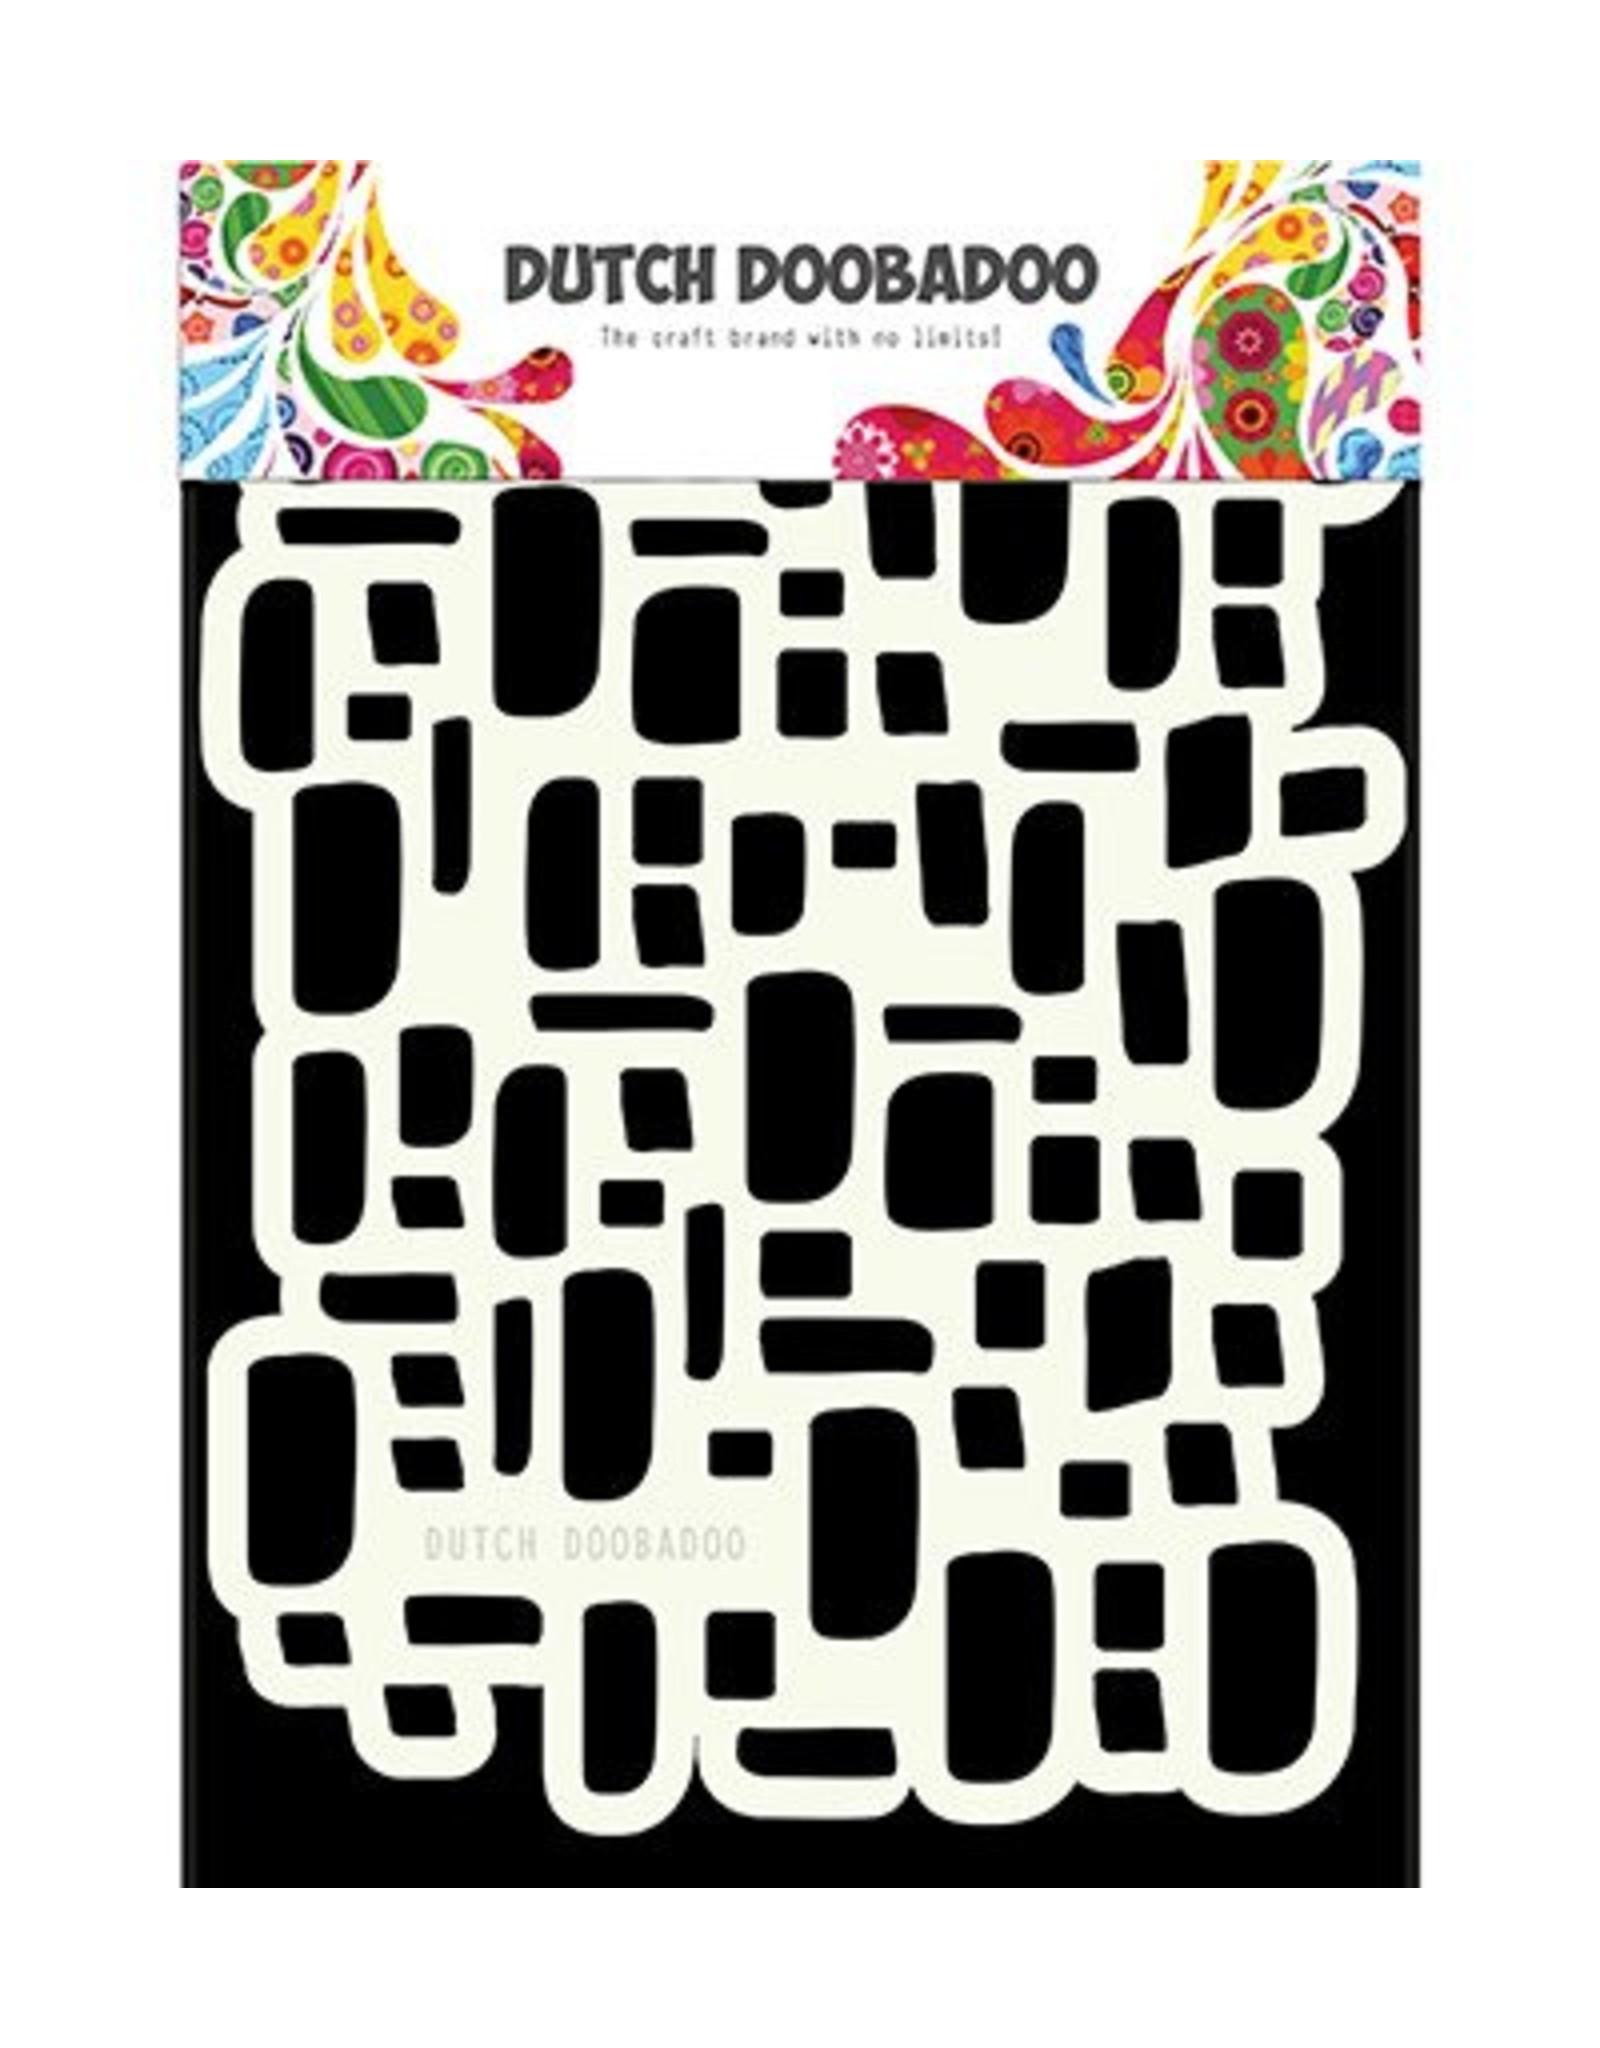 Dutch Doobadoo Mask Art Dutch Doobadoo Mask Art Rocks 470.715.127